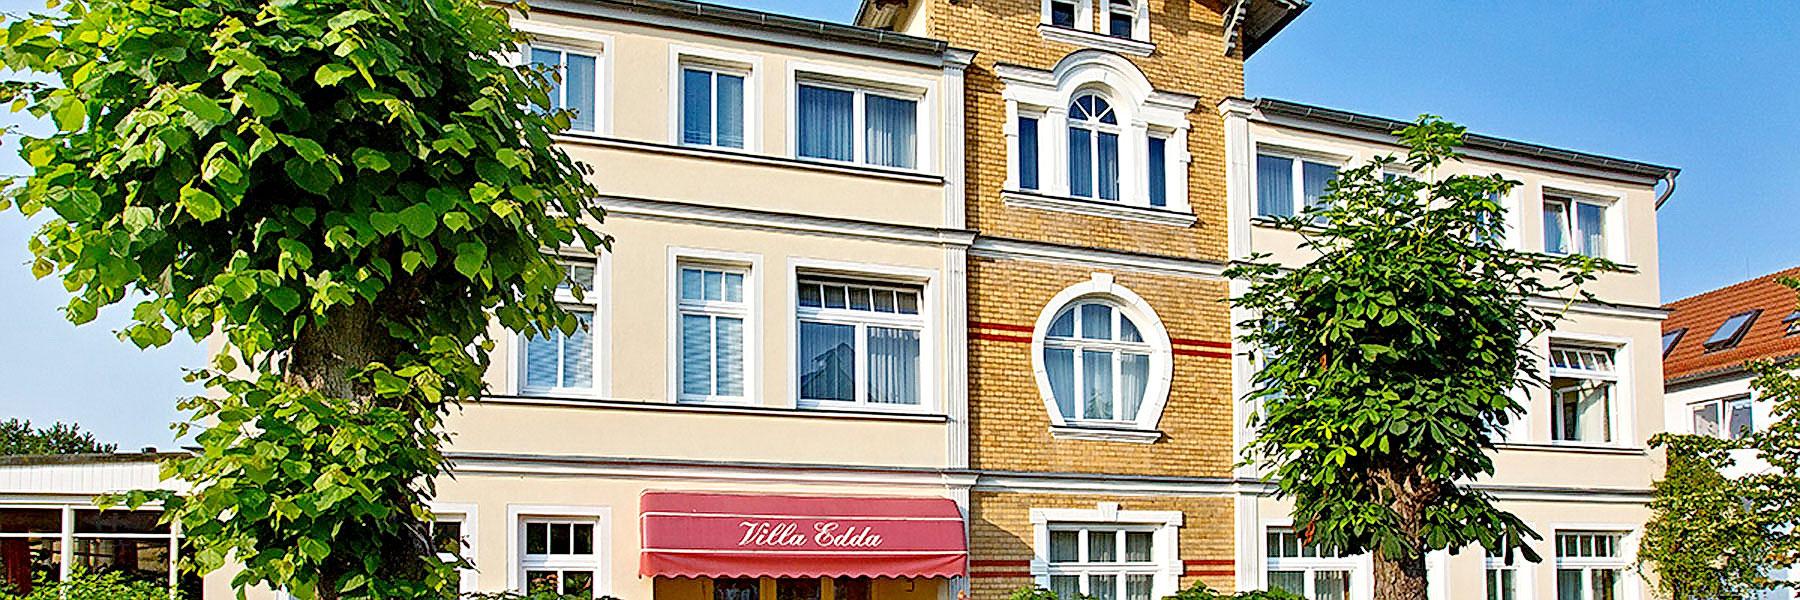 Außenansicht - Villa Edda (Hotel Garni - Ferienwohnungen - Appartements)